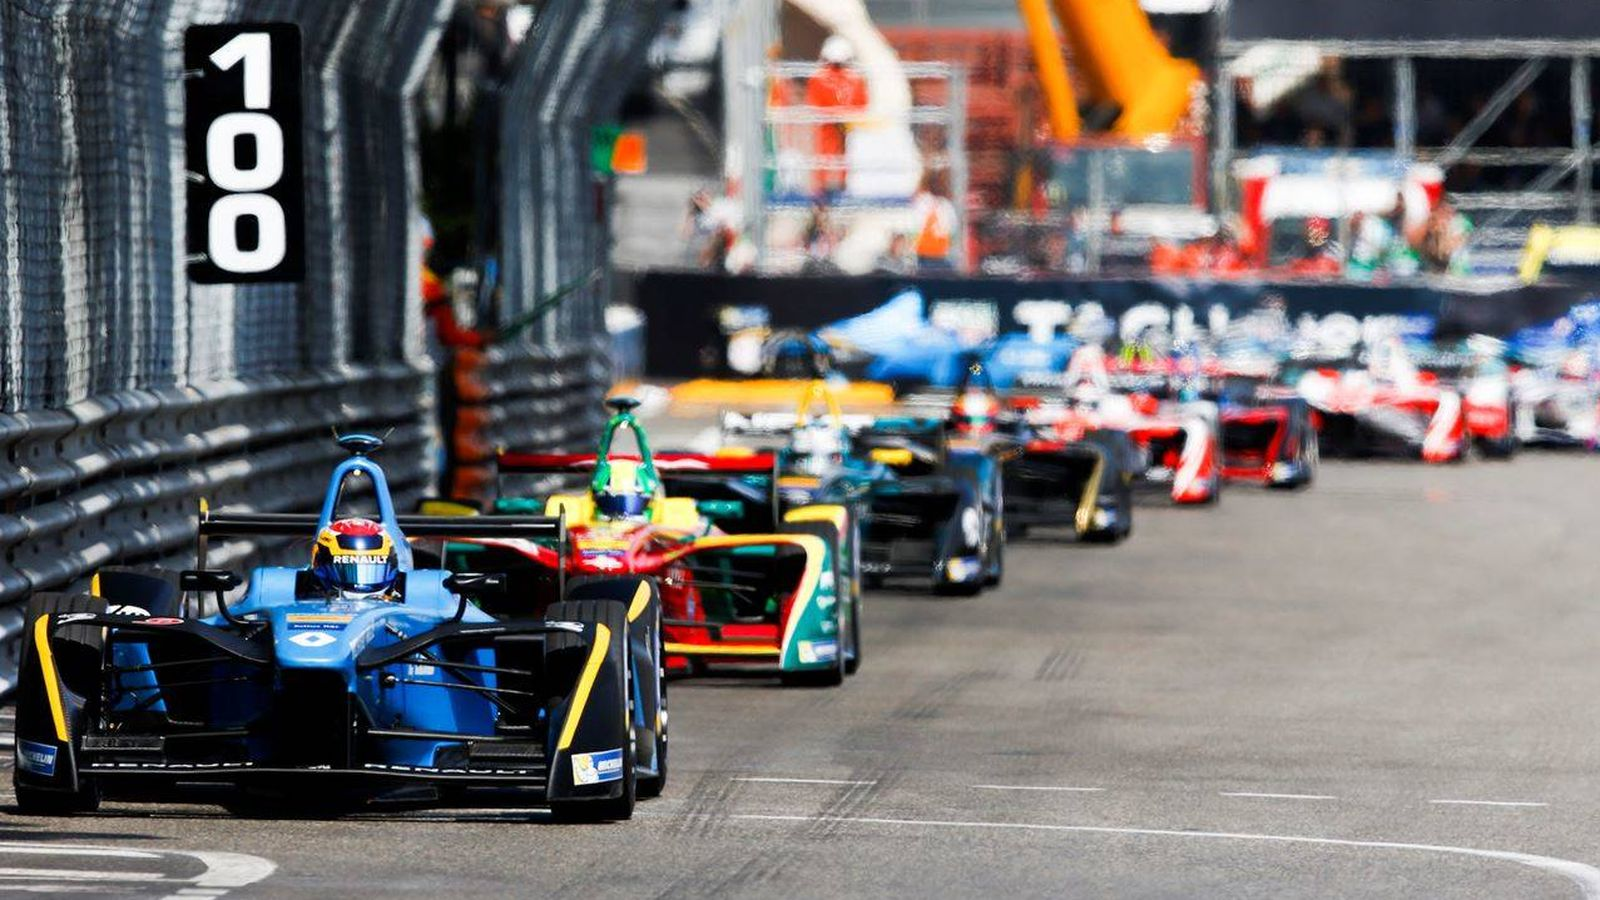 Foto: La Fórmula E inaugura este fin de semana la temporada en Hong Kong. (Formula E)